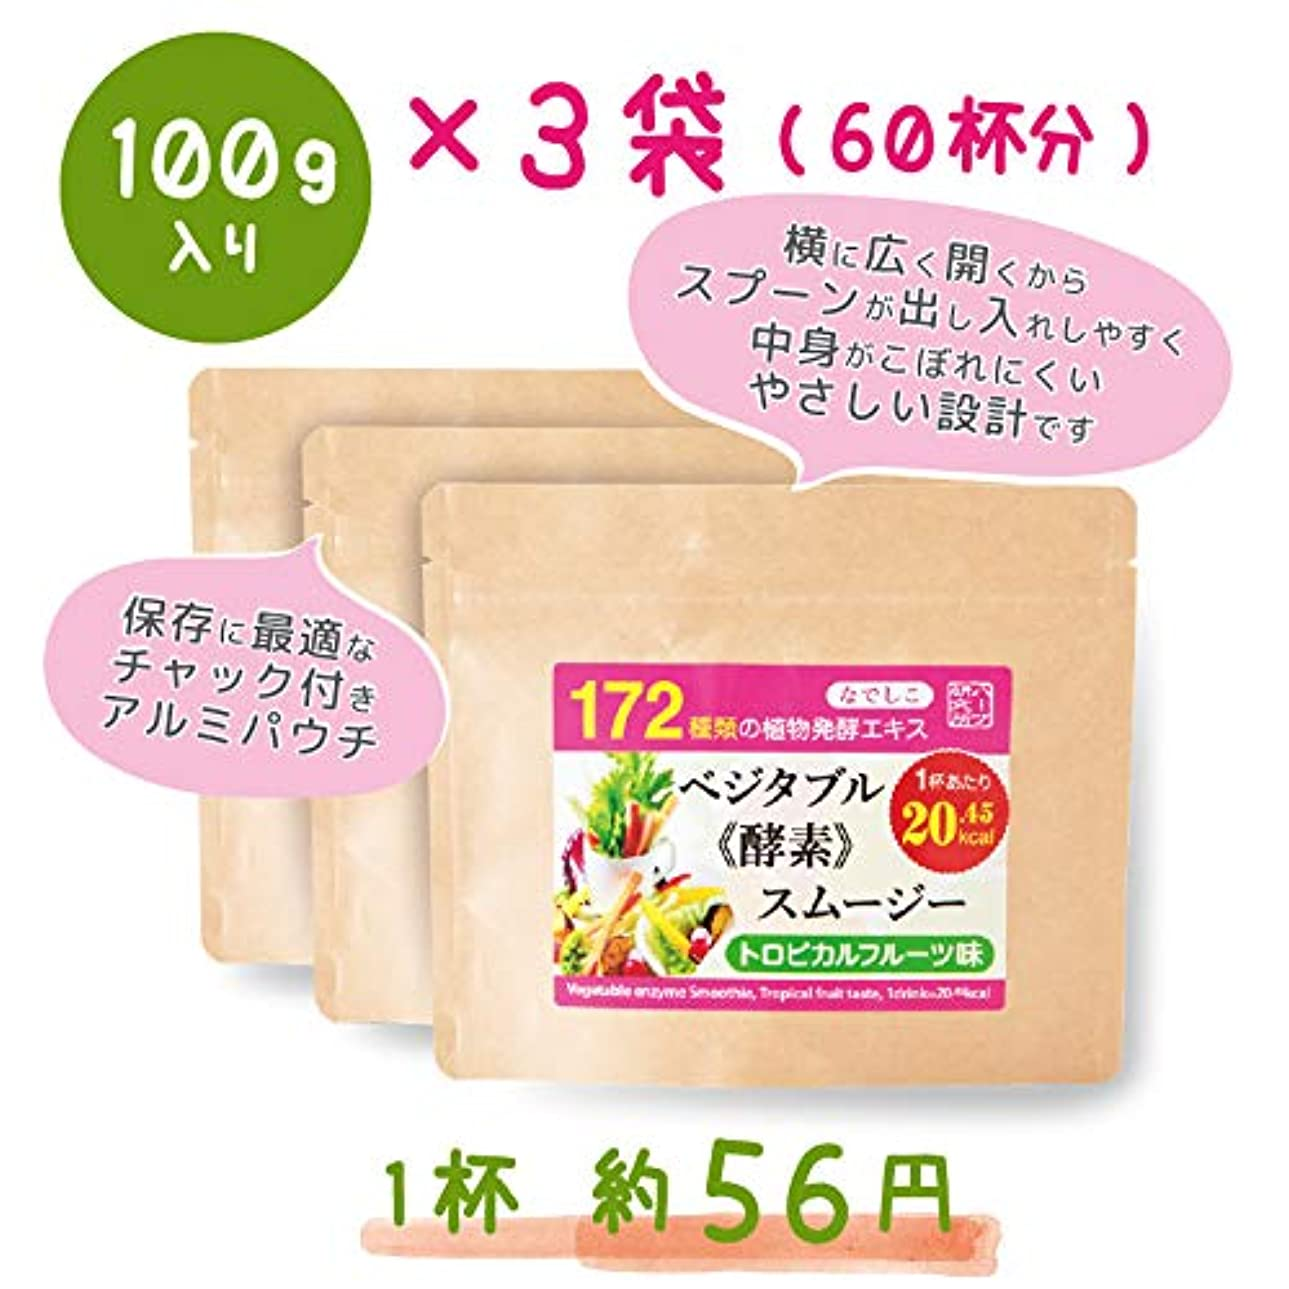 ジェット魅力的転用グリーン酵素ダイエットスムージー(ストロベリー味)300g (100g×3パック)で20%OFF